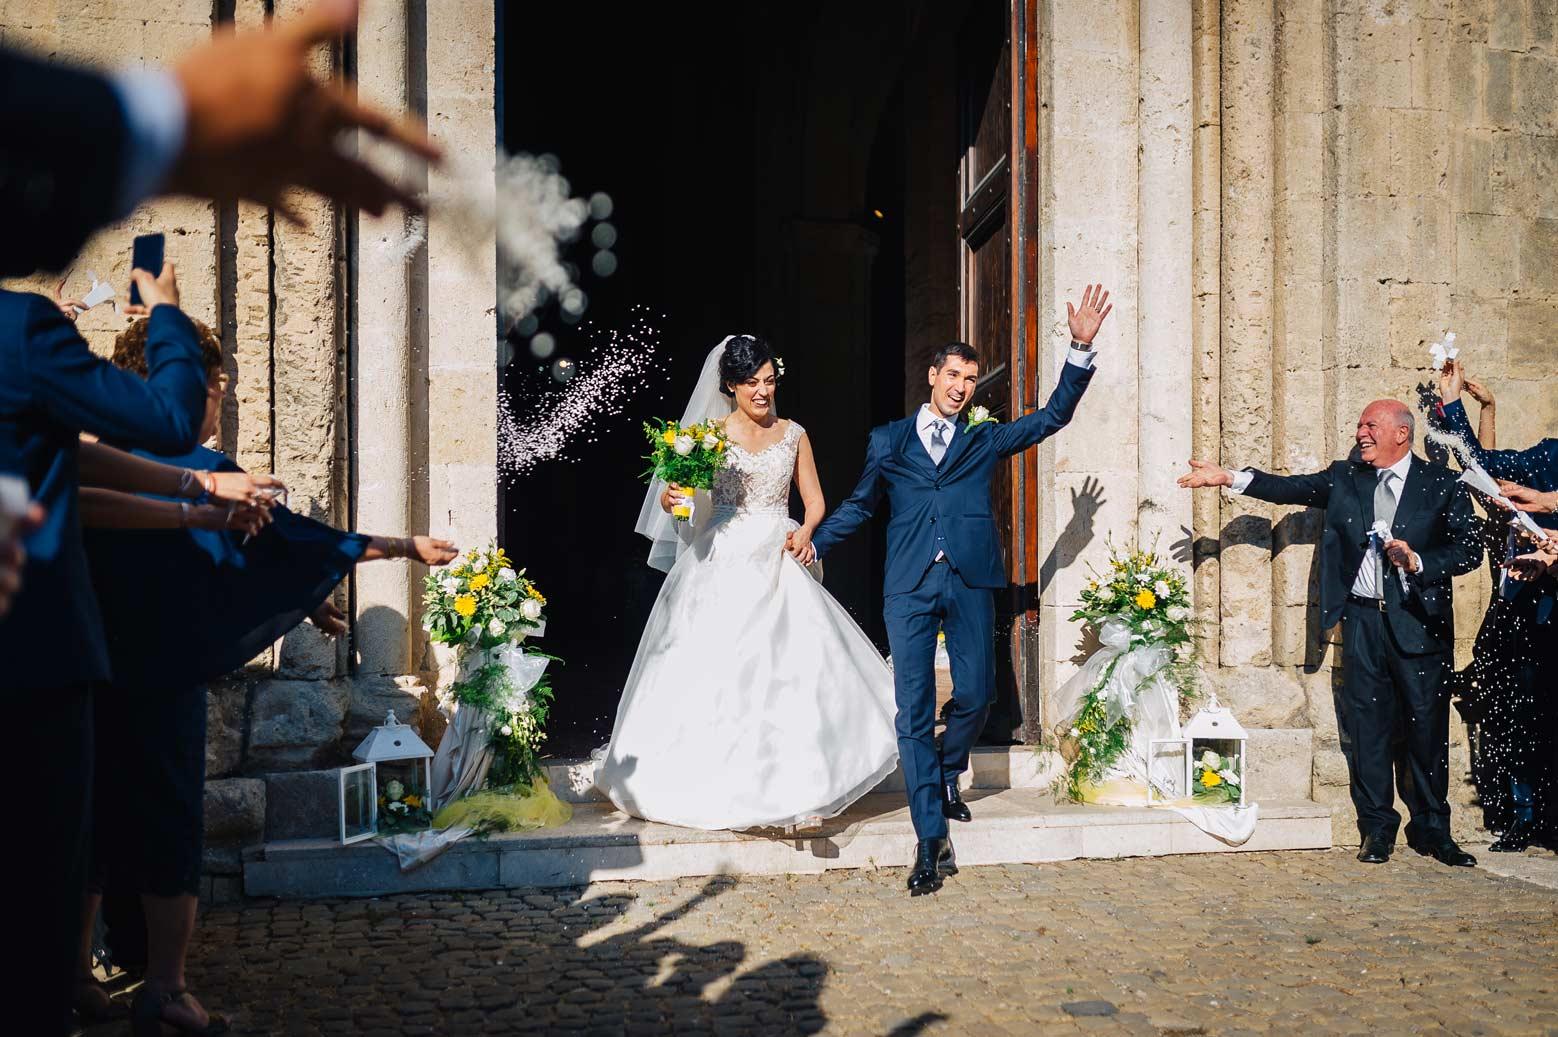 Reportage-Destination-Wedding-Italy-2-Ceremony